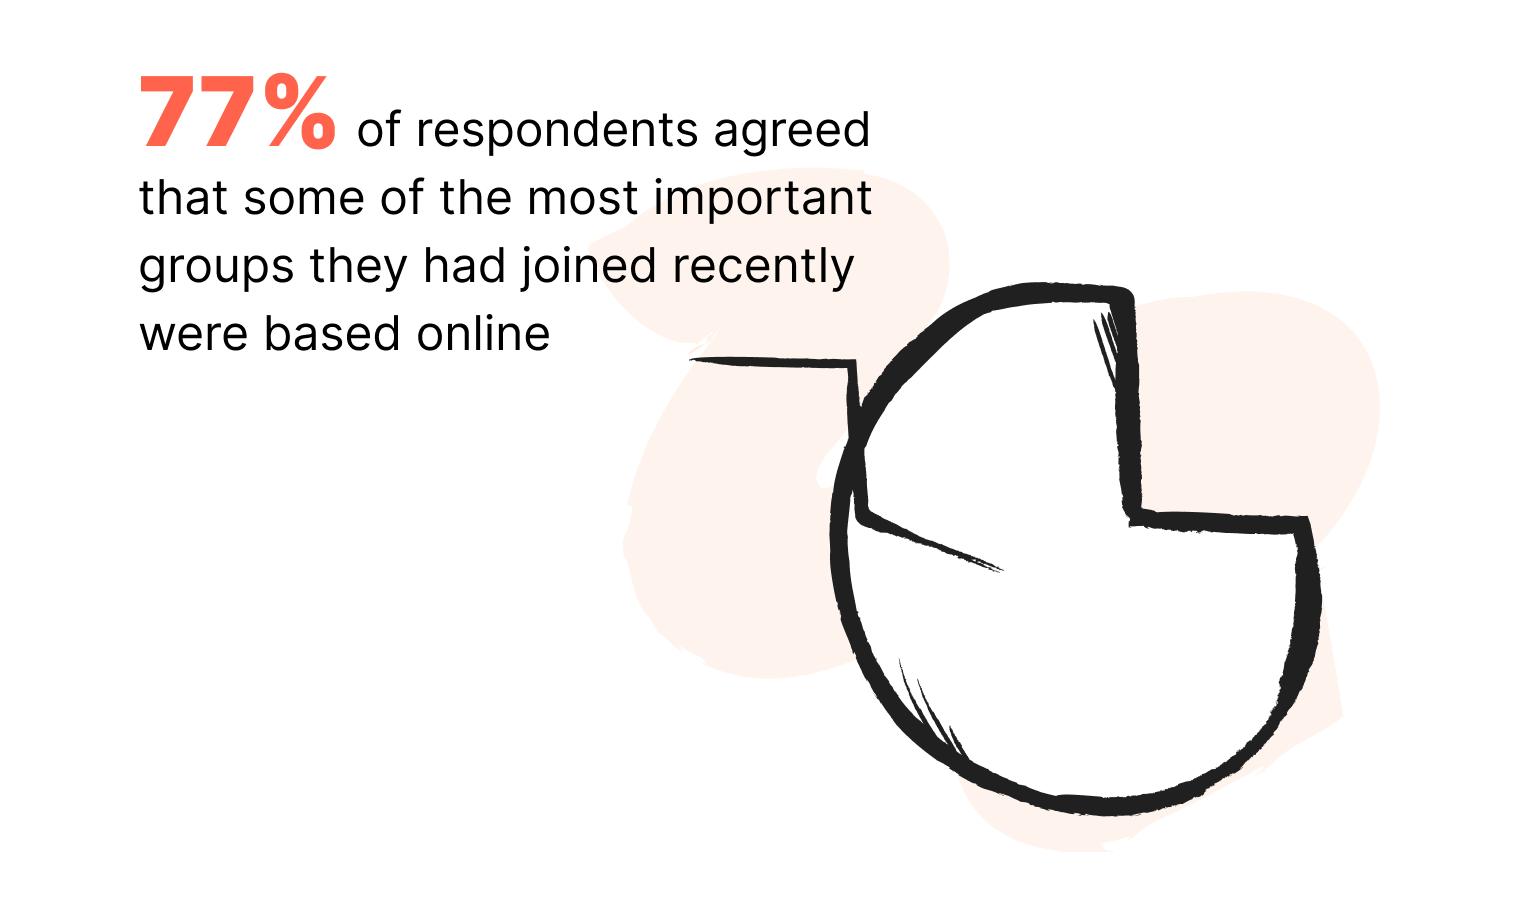 Online community PeerBoard